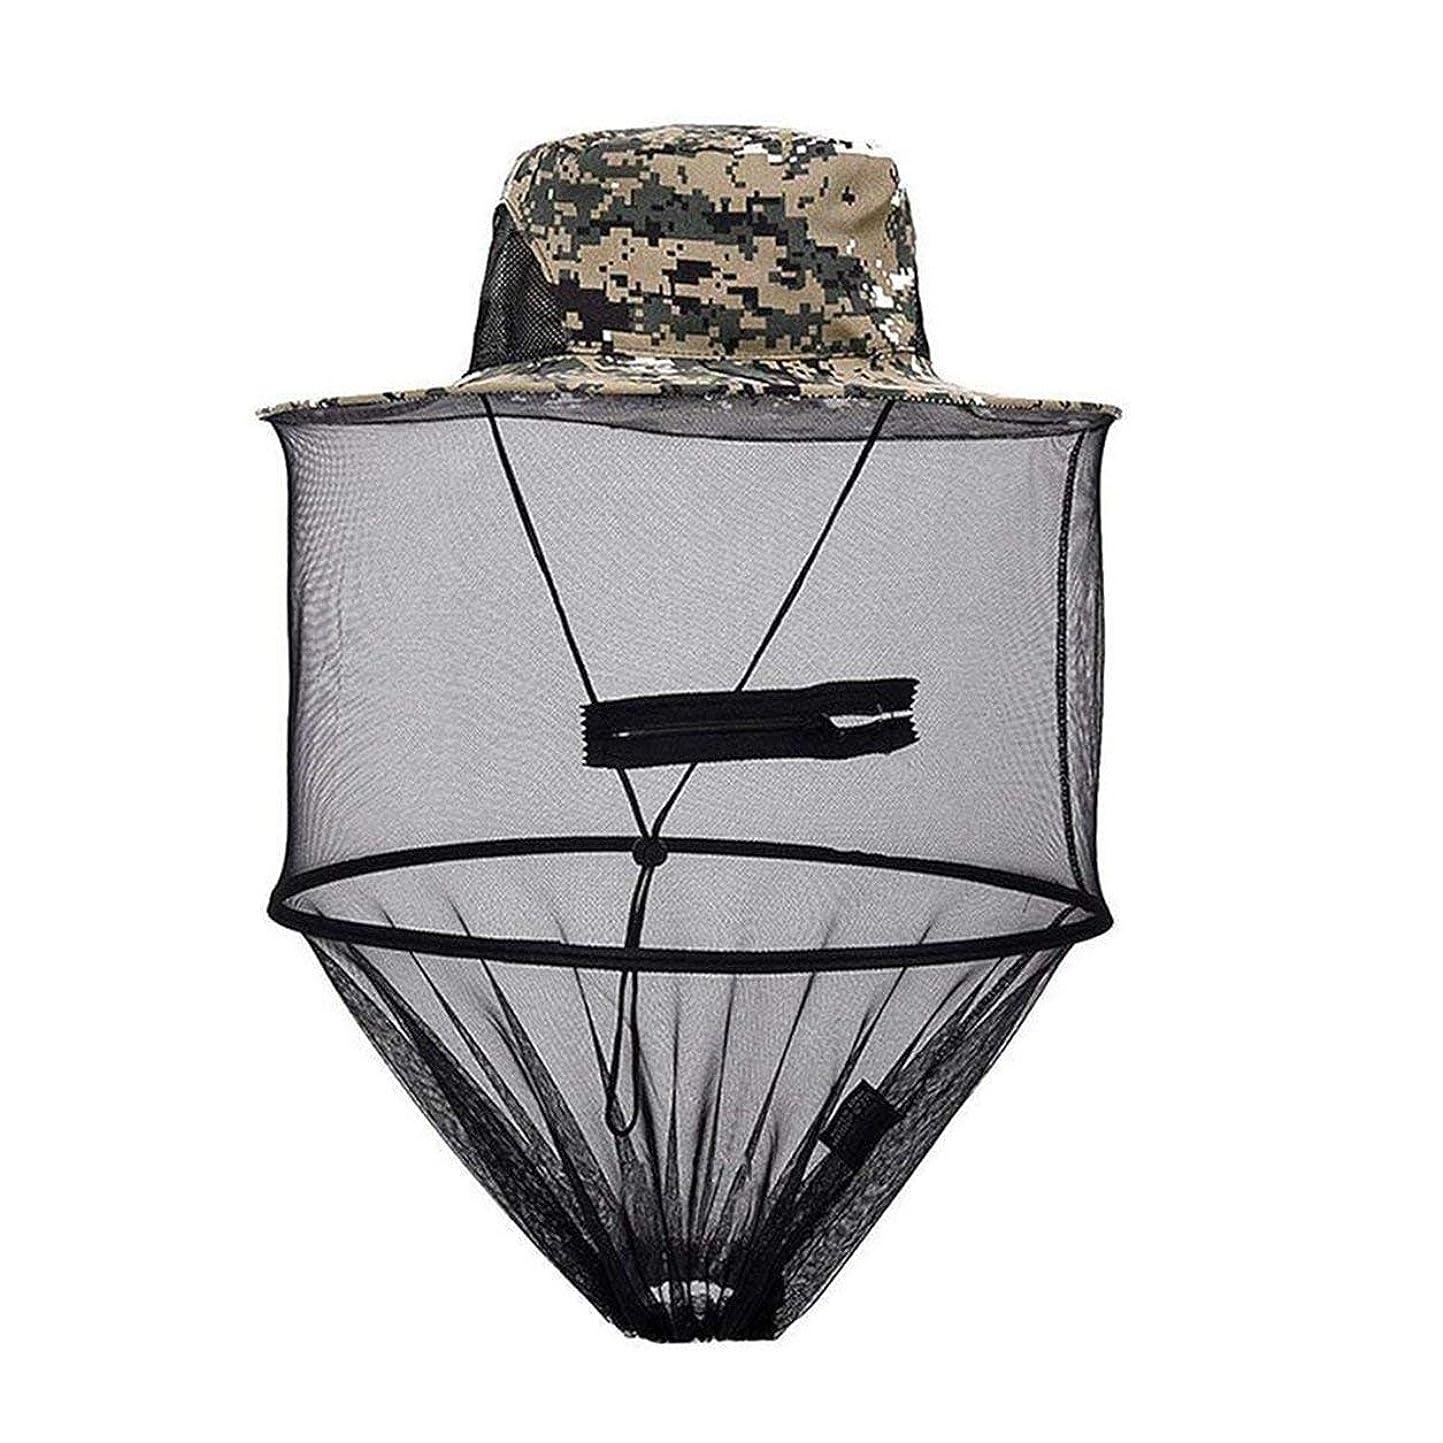 スタンドに同意する影Saikogoods アウトドアキャンプハイキング狩猟のためにネットメッシュ?ヘッドフェイスプロテクター 釣りの帽子蚊キャップ ミッジフライバグ昆虫蜂ハット デジタル迷彩